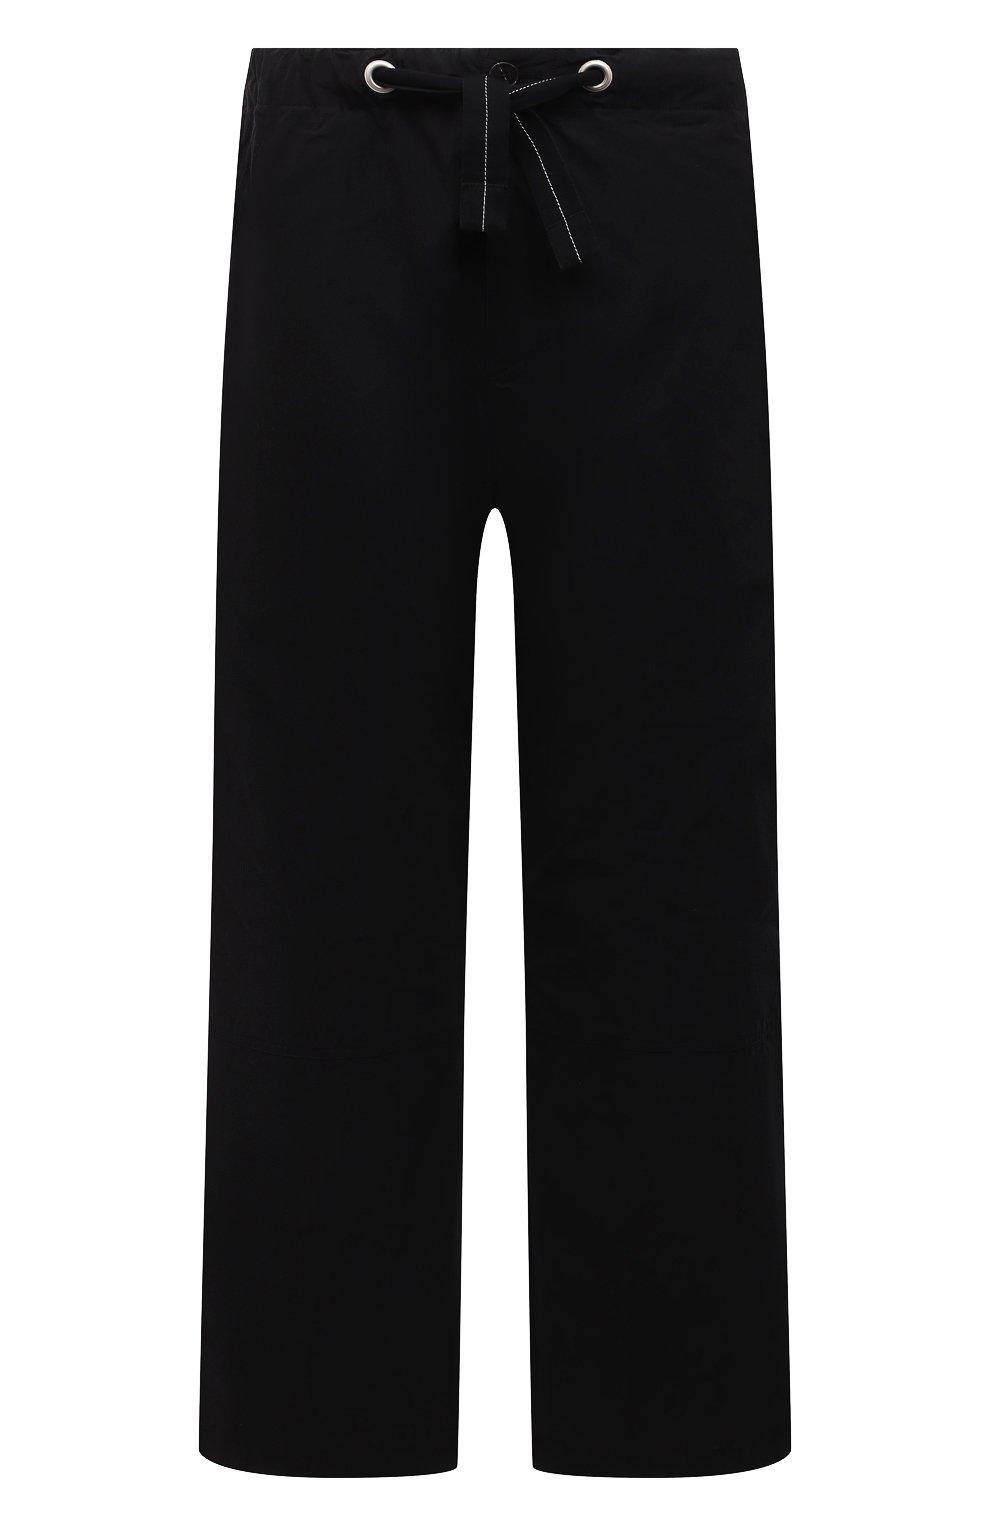 Мужские хлопковые брюки OAMC черного цвета, арт. 0AMS310833 0S240700   Фото 1 (Длина (брюки, джинсы): Стандартные; Случай: Повседневный; Материал внешний: Хлопок; Стили: Минимализм; Материал подклада: Хлопок)